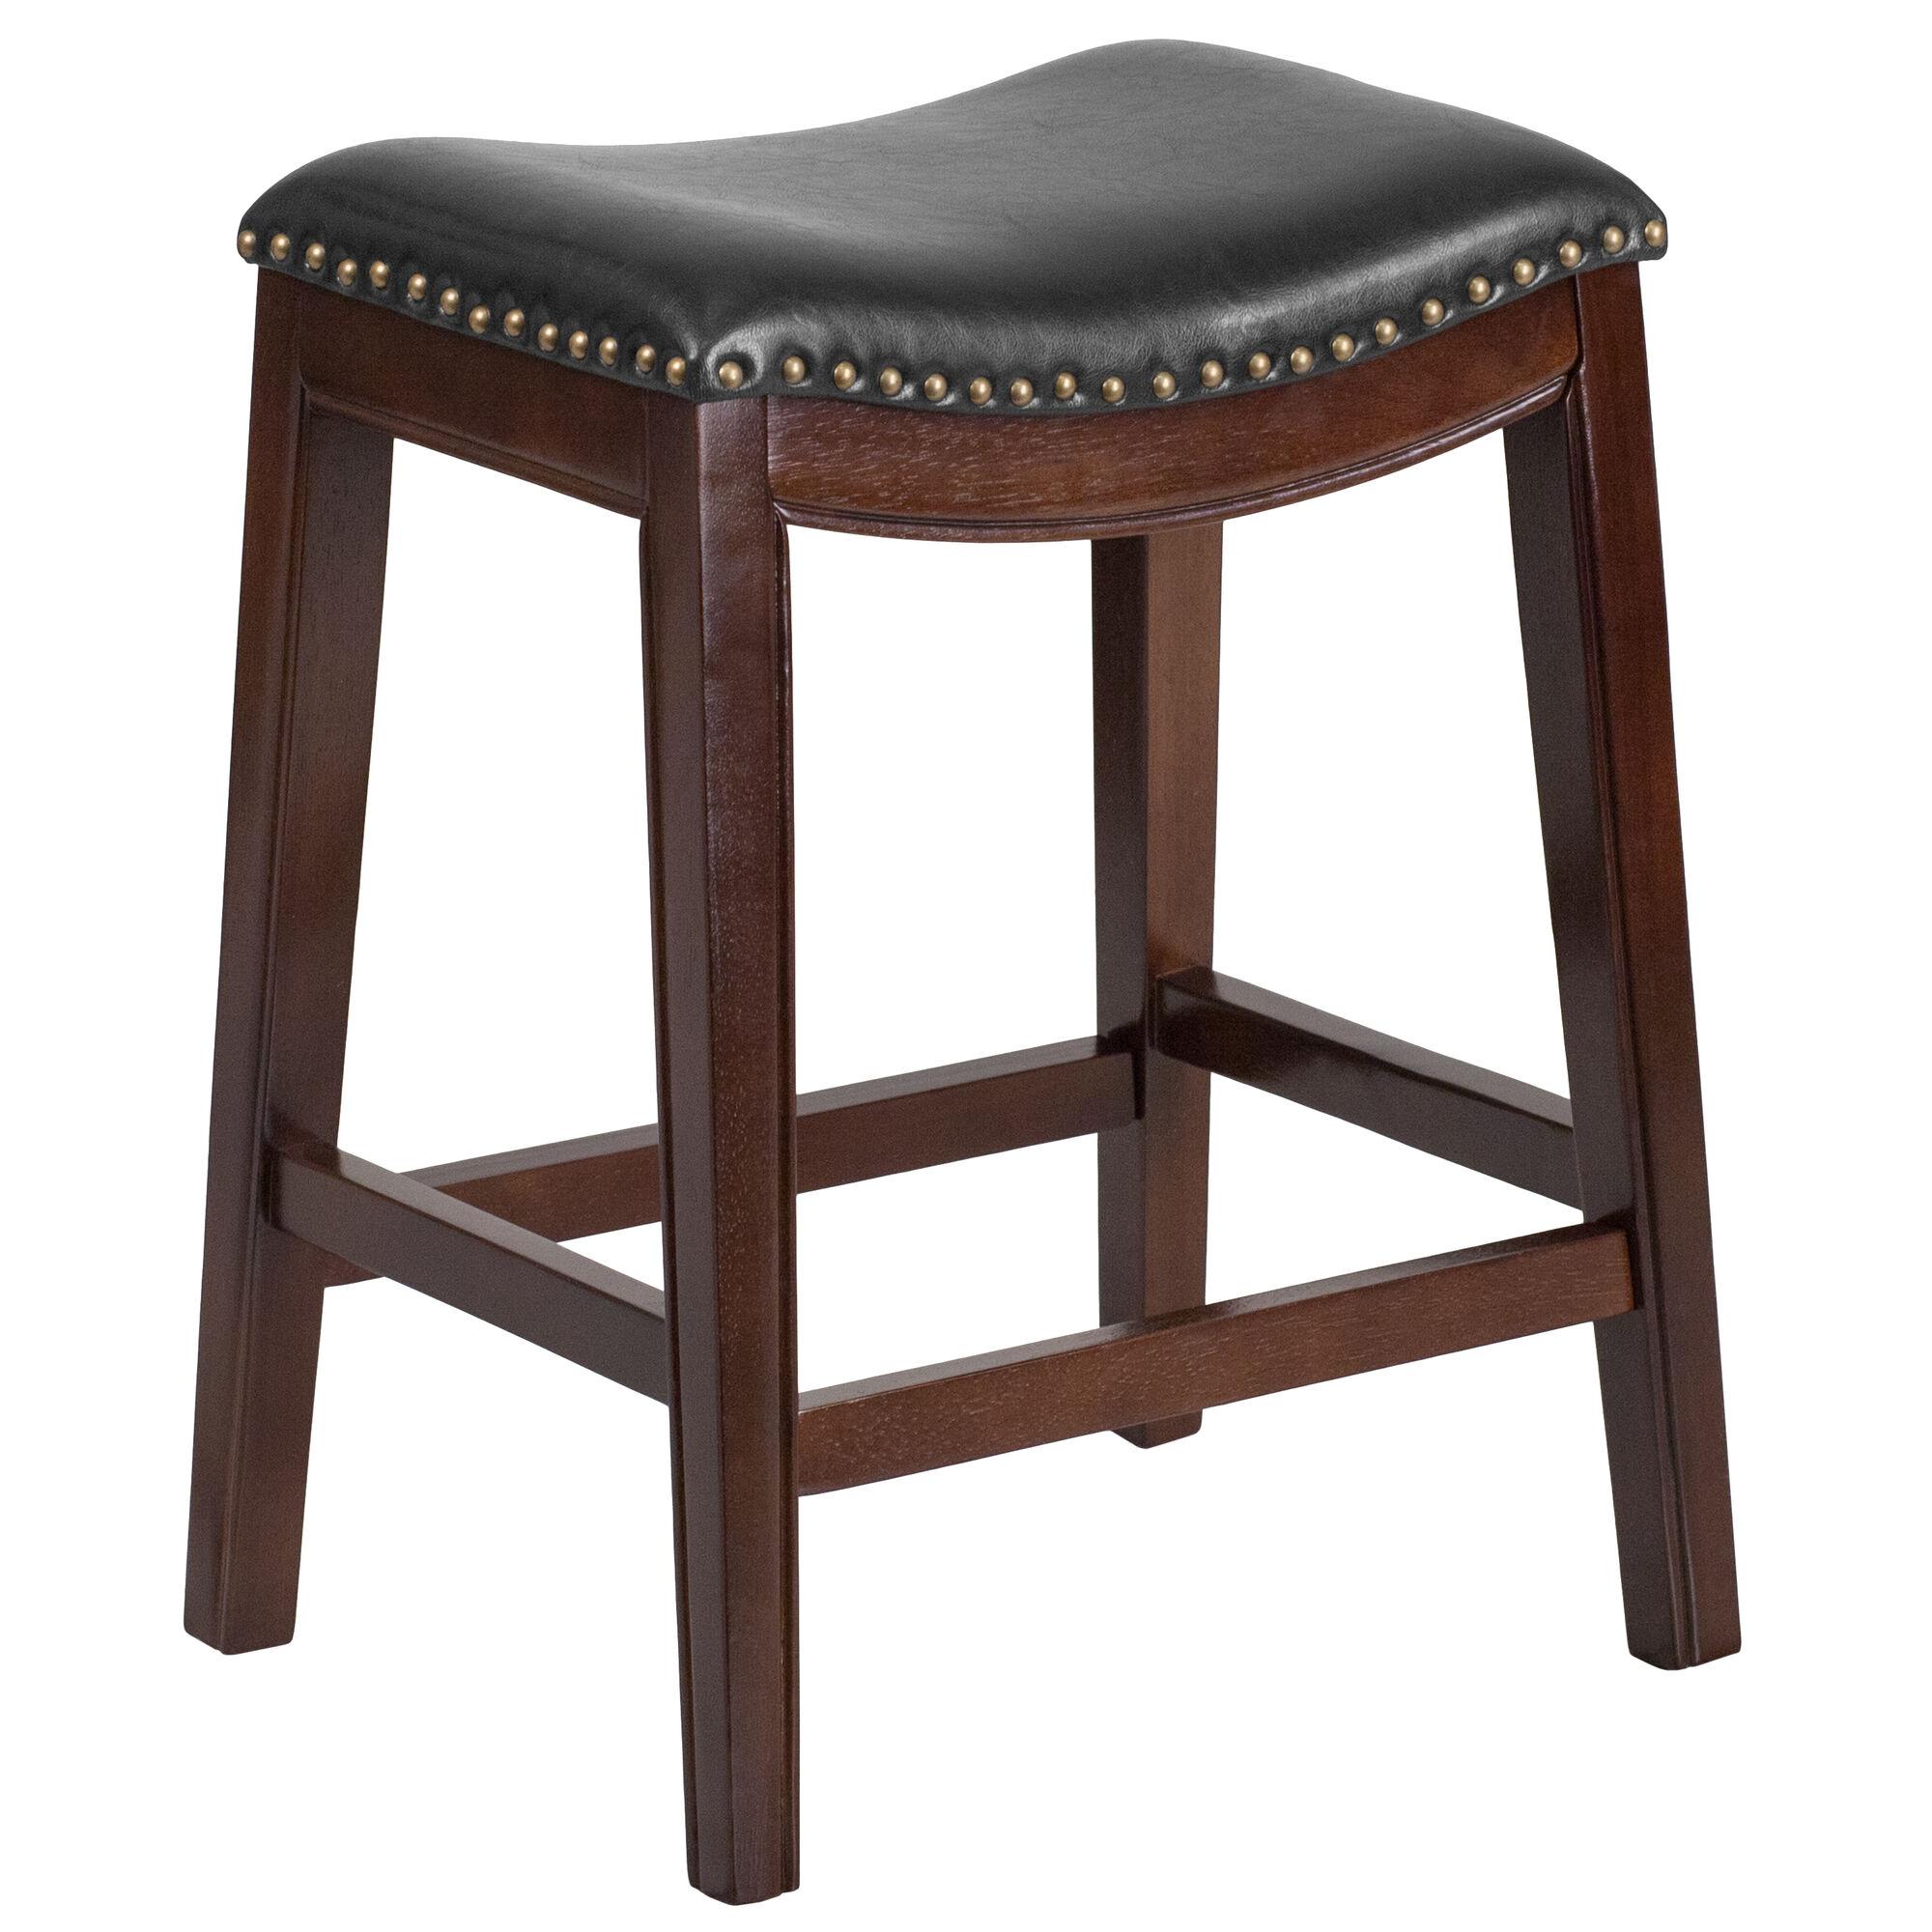 Saddle Seat Bar Stools 24